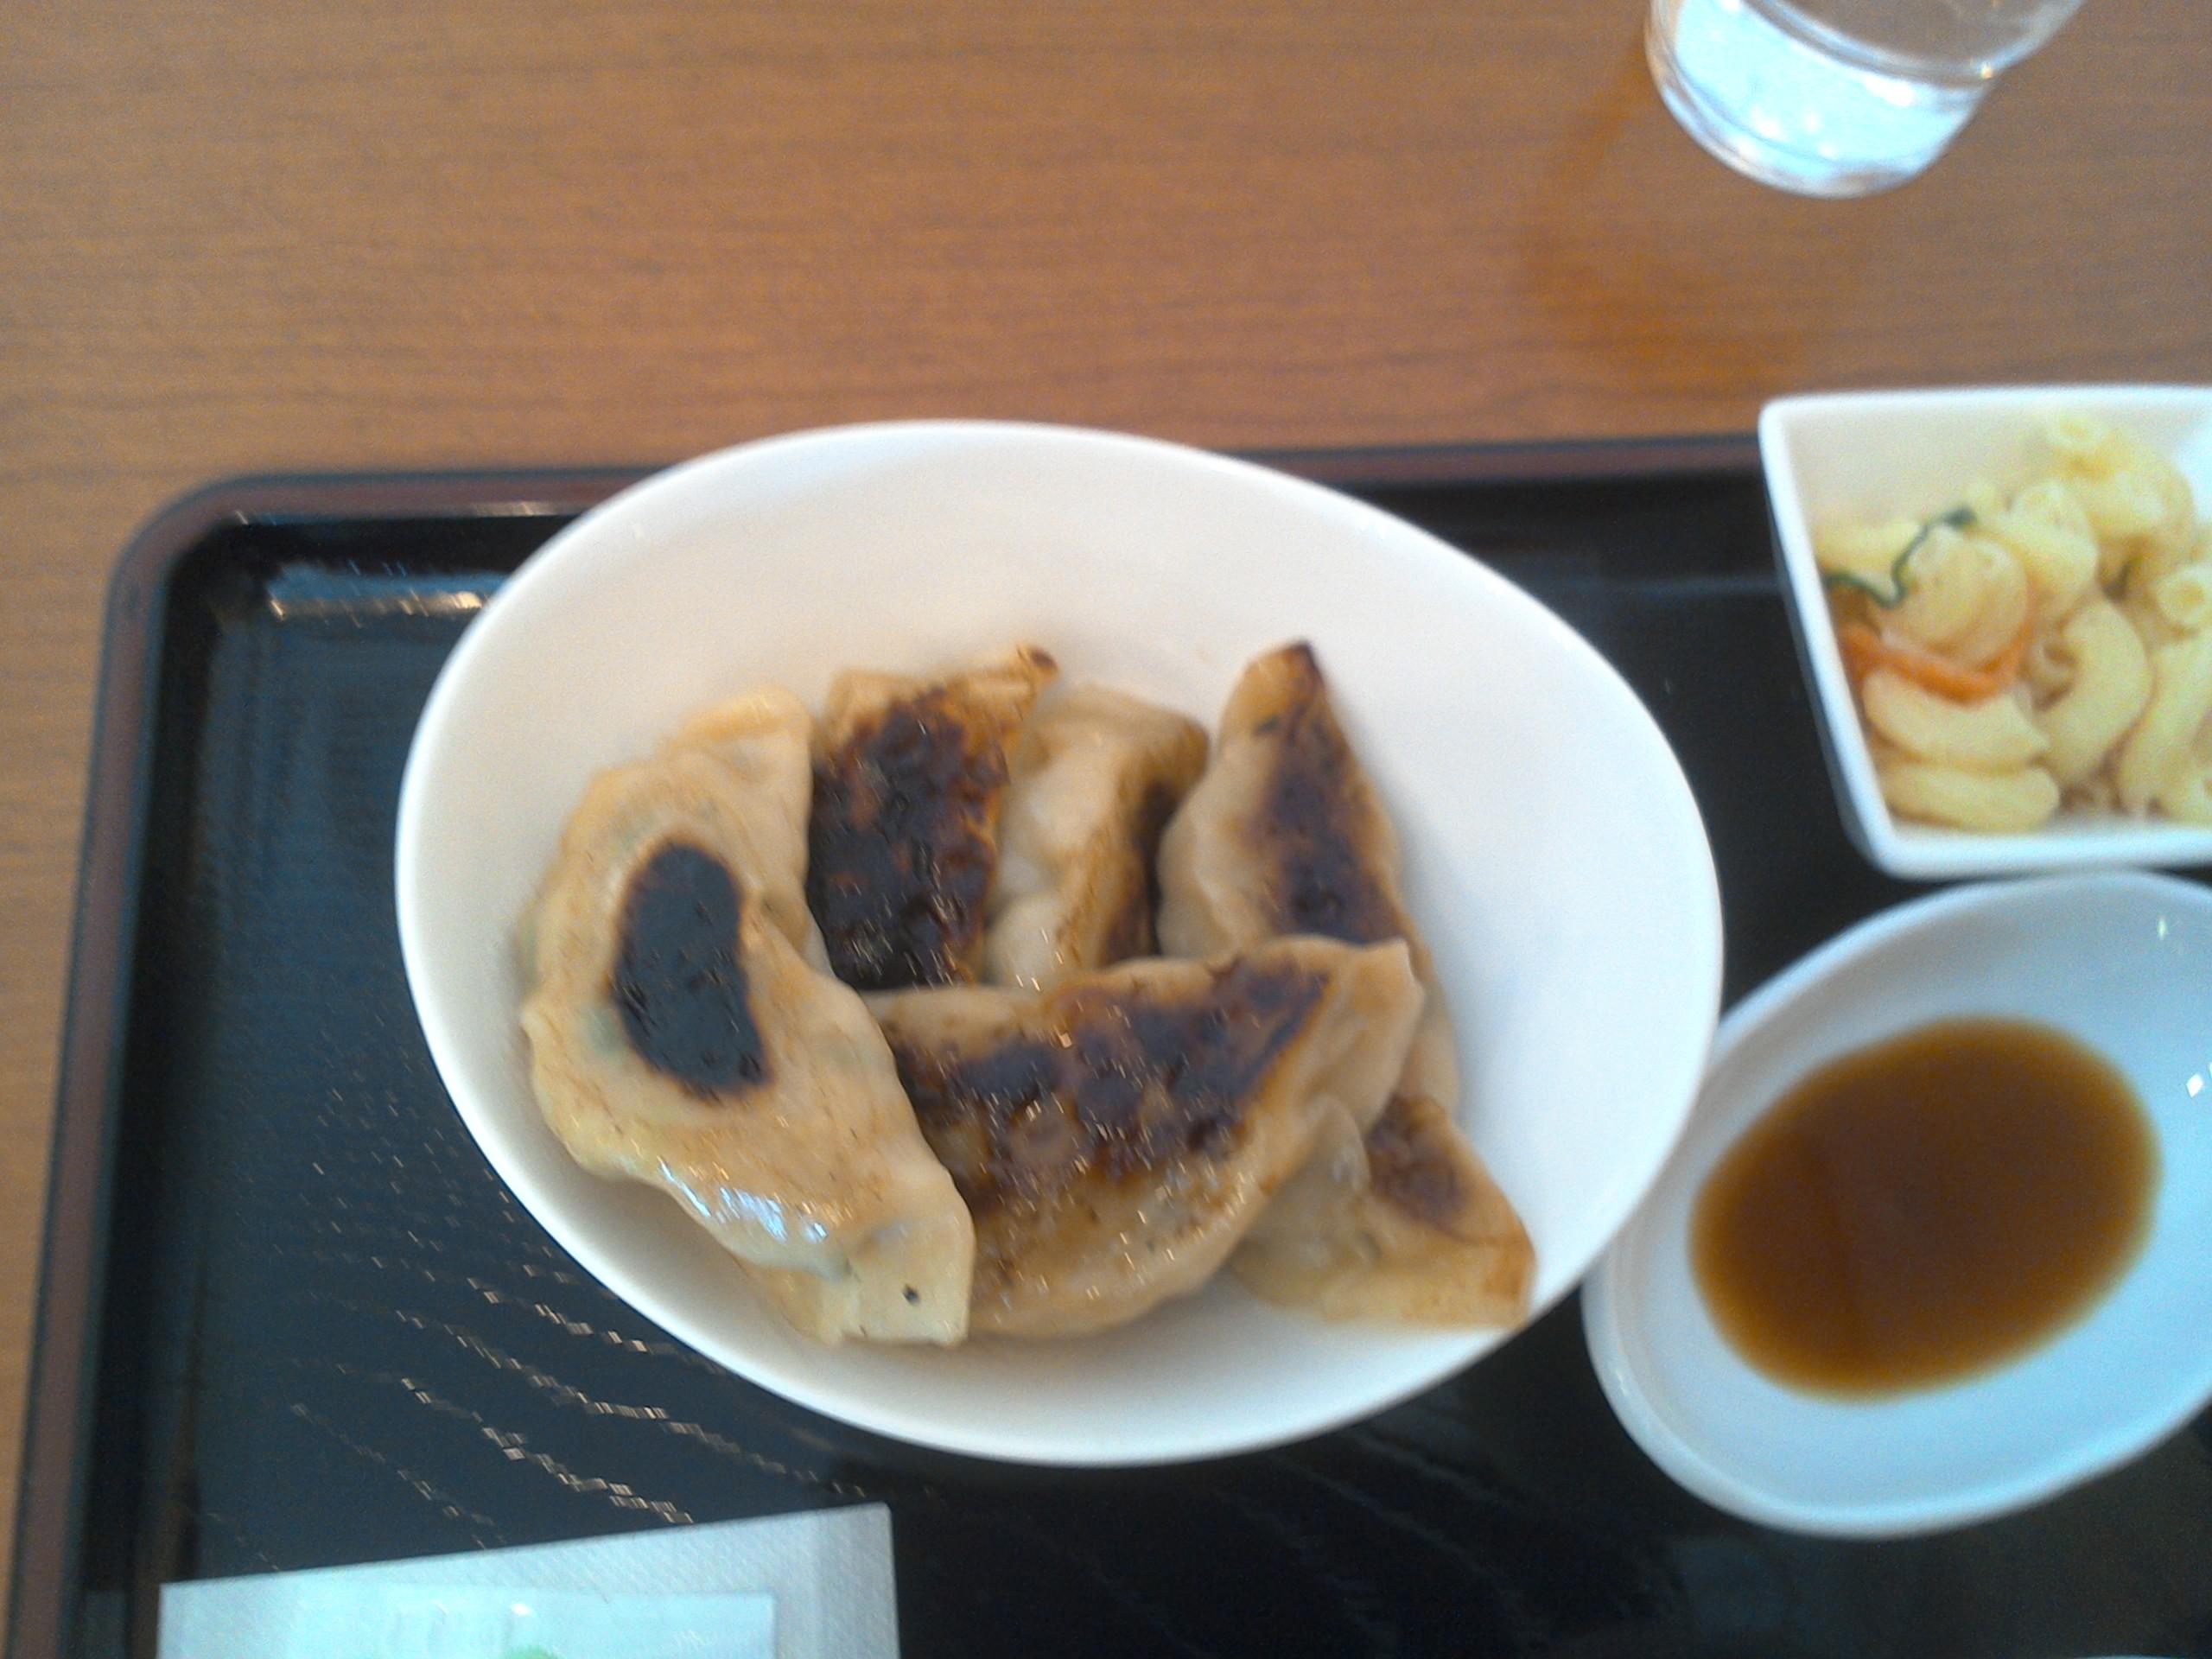 ちょっと焼き過ぎて黒く焦げた餃子ですが。。。でも、ボリュームもあり、味はさっぱりヘルシーで美味しかったですよ。皮も手作りみたいな感じでした。